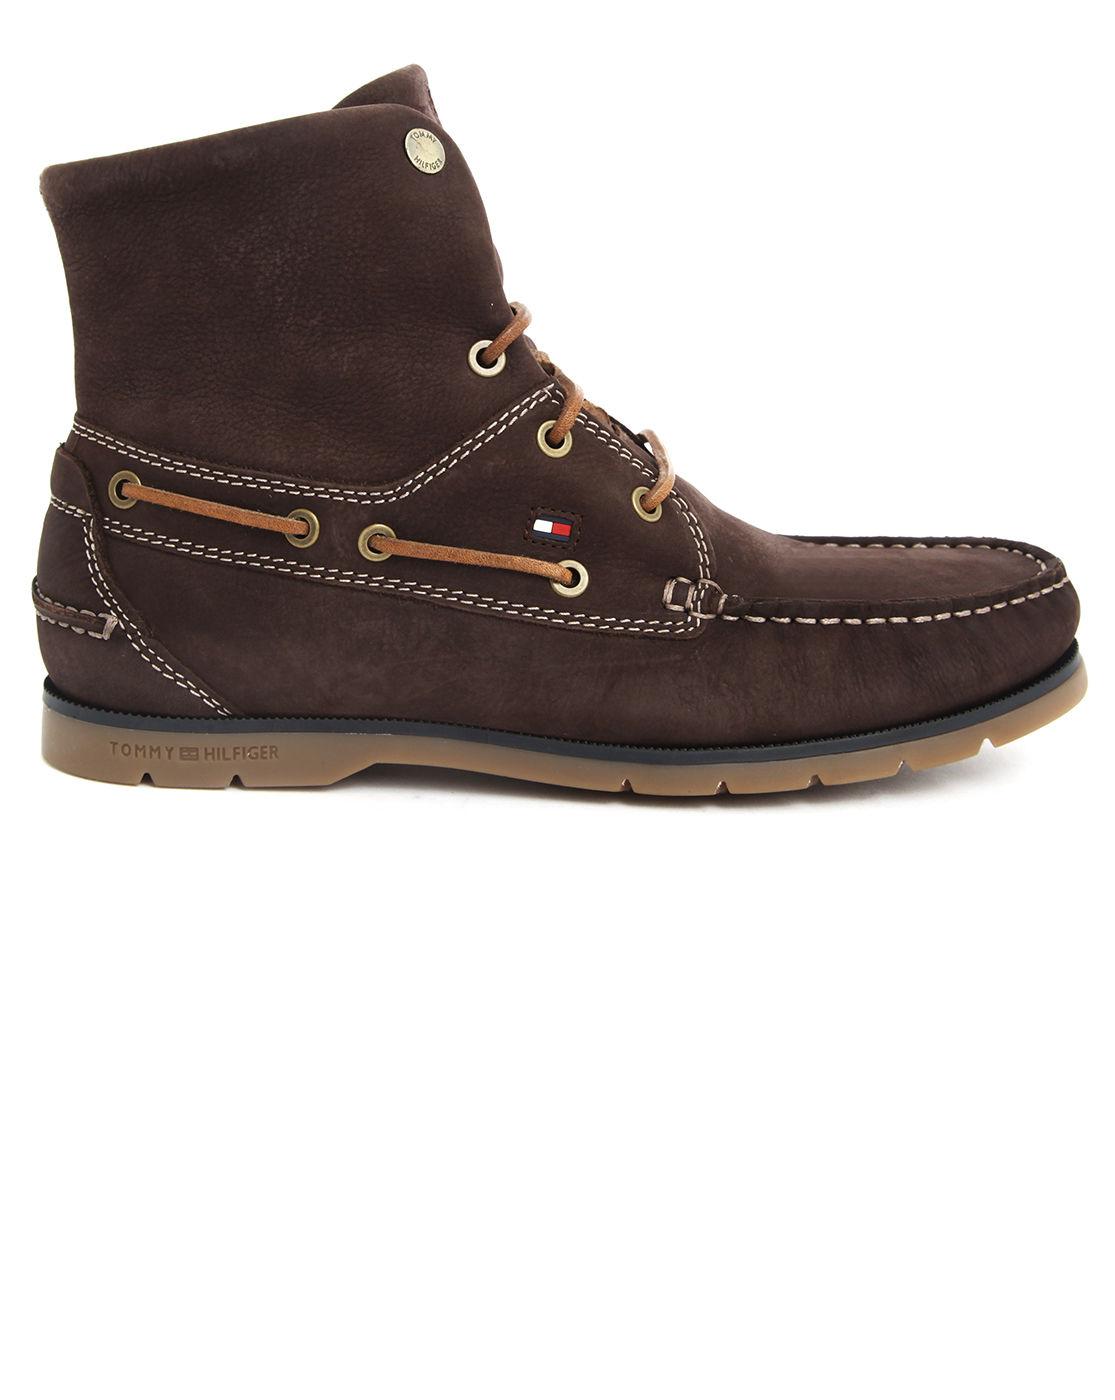 tommy hilfiger adjustable top brown nubuck shoes in brown for men lyst. Black Bedroom Furniture Sets. Home Design Ideas